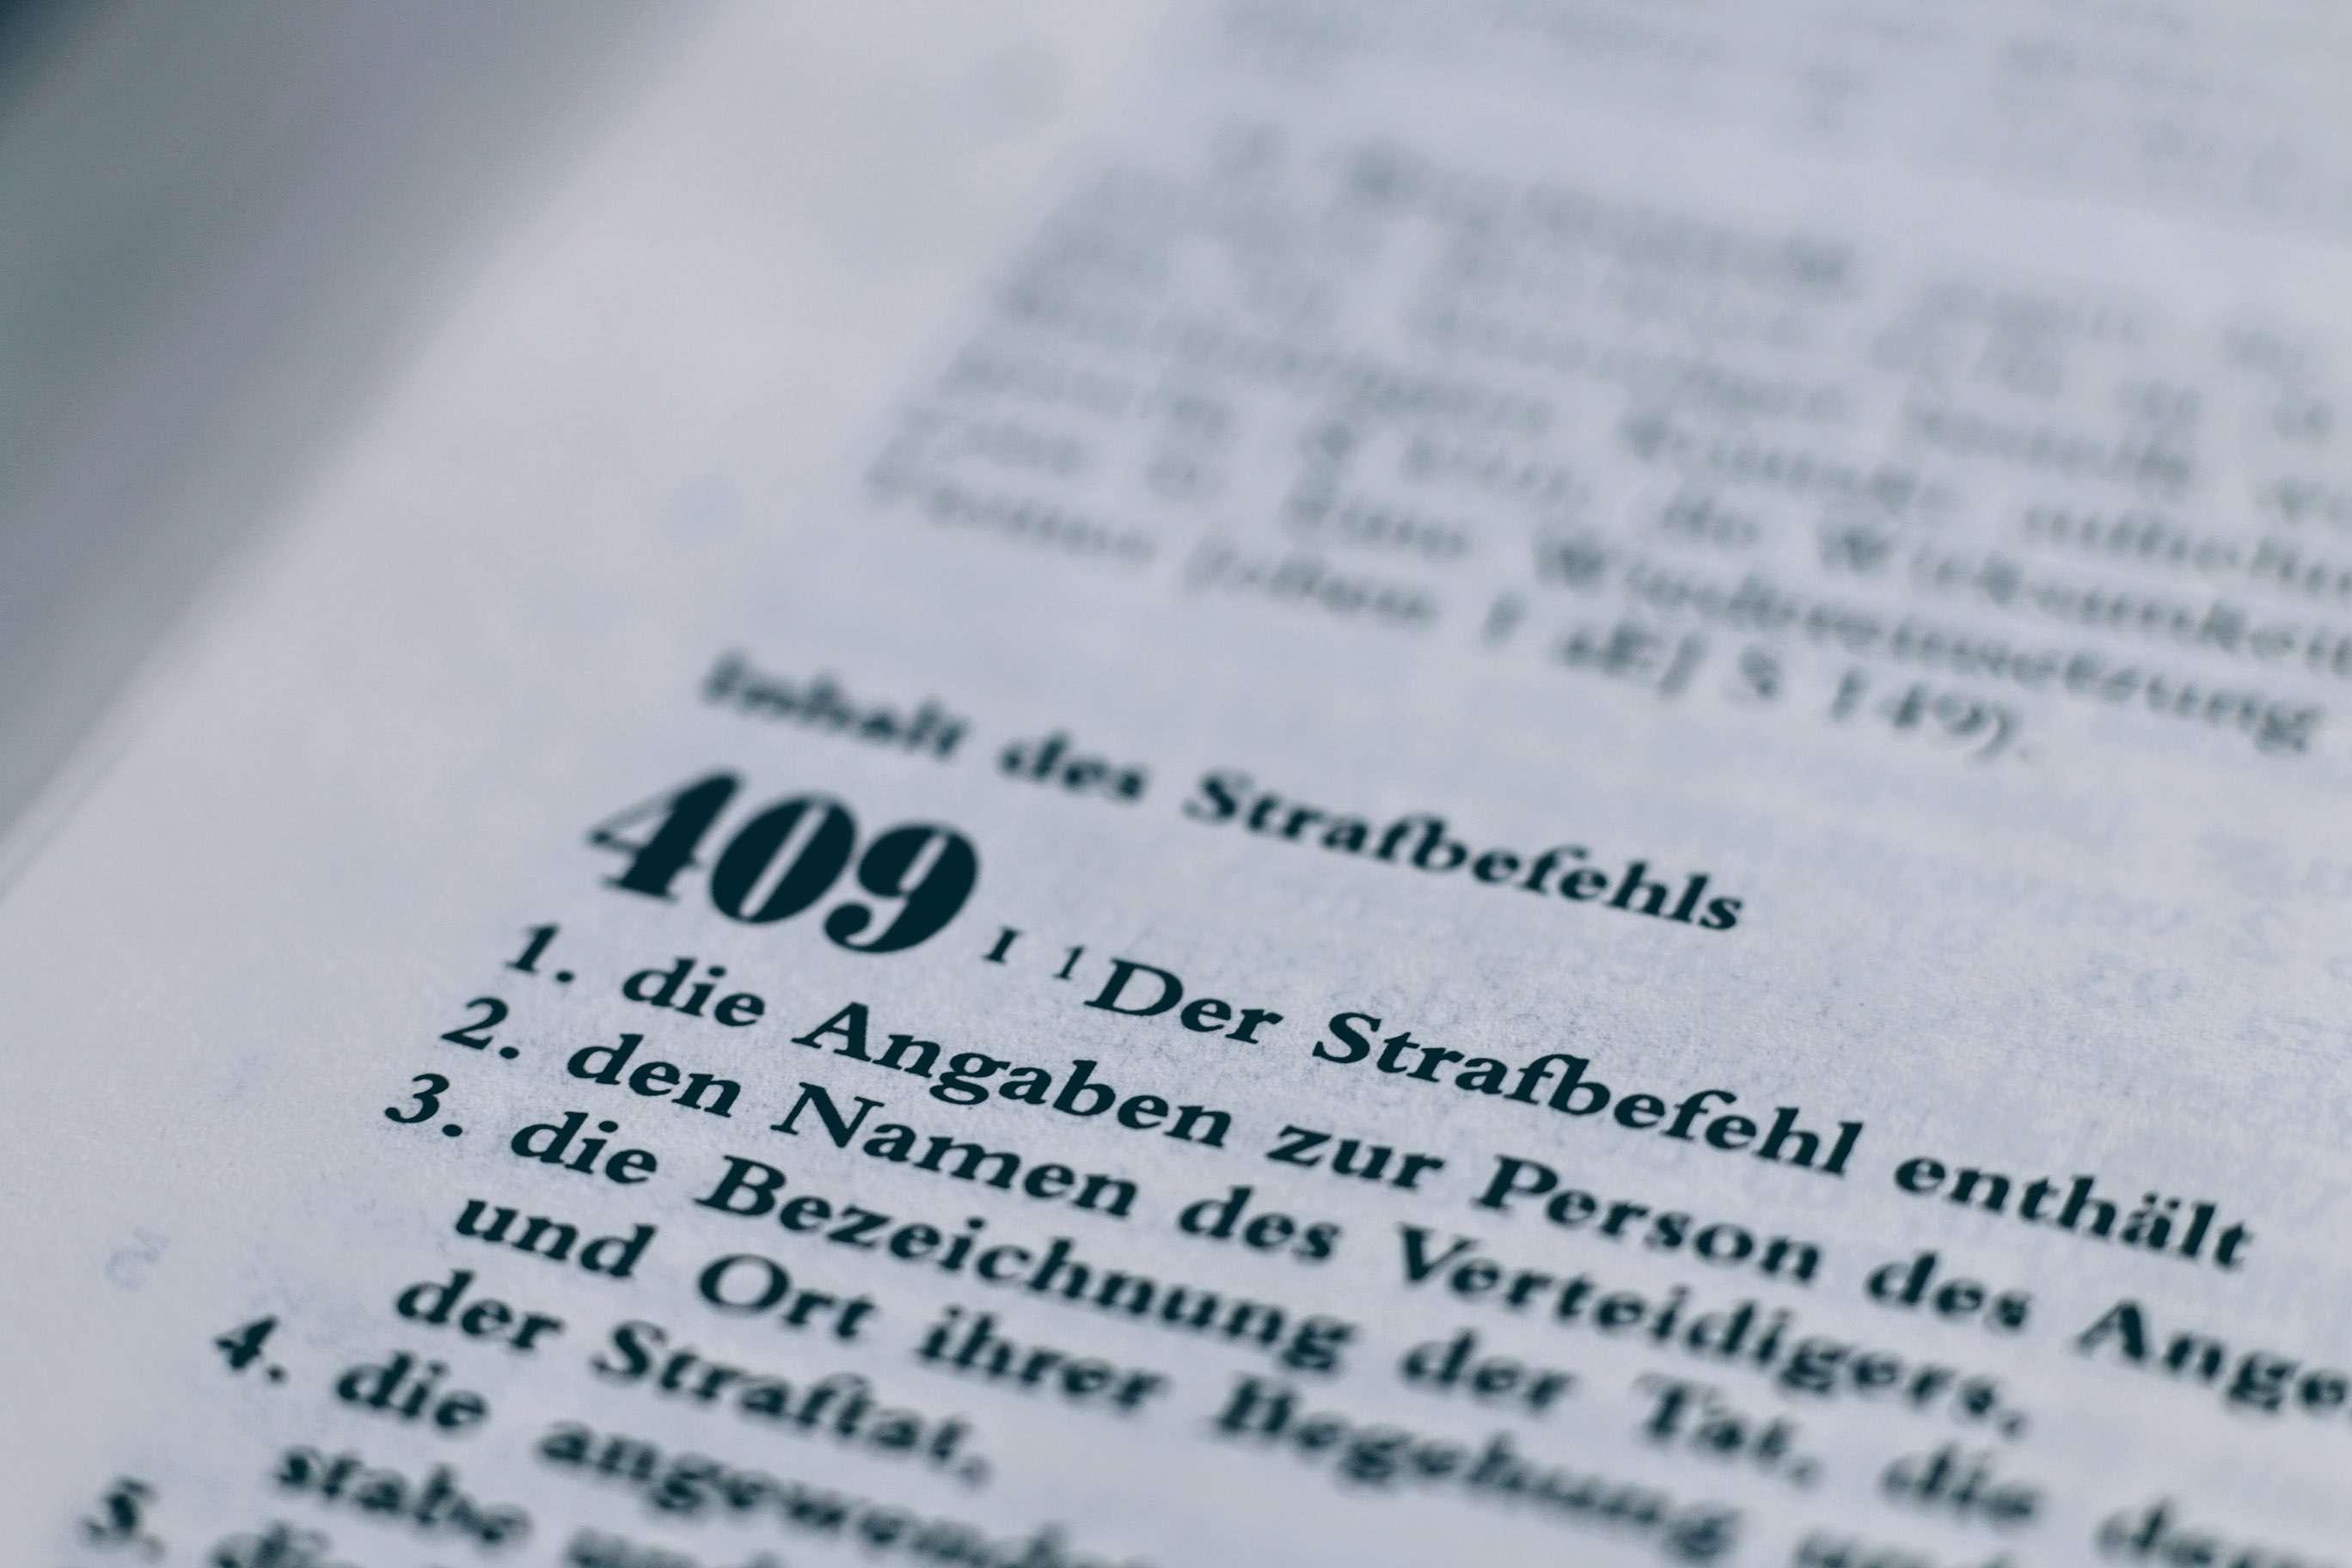 Strafbefehl gem. § 409 StPO ohne Verhandlung